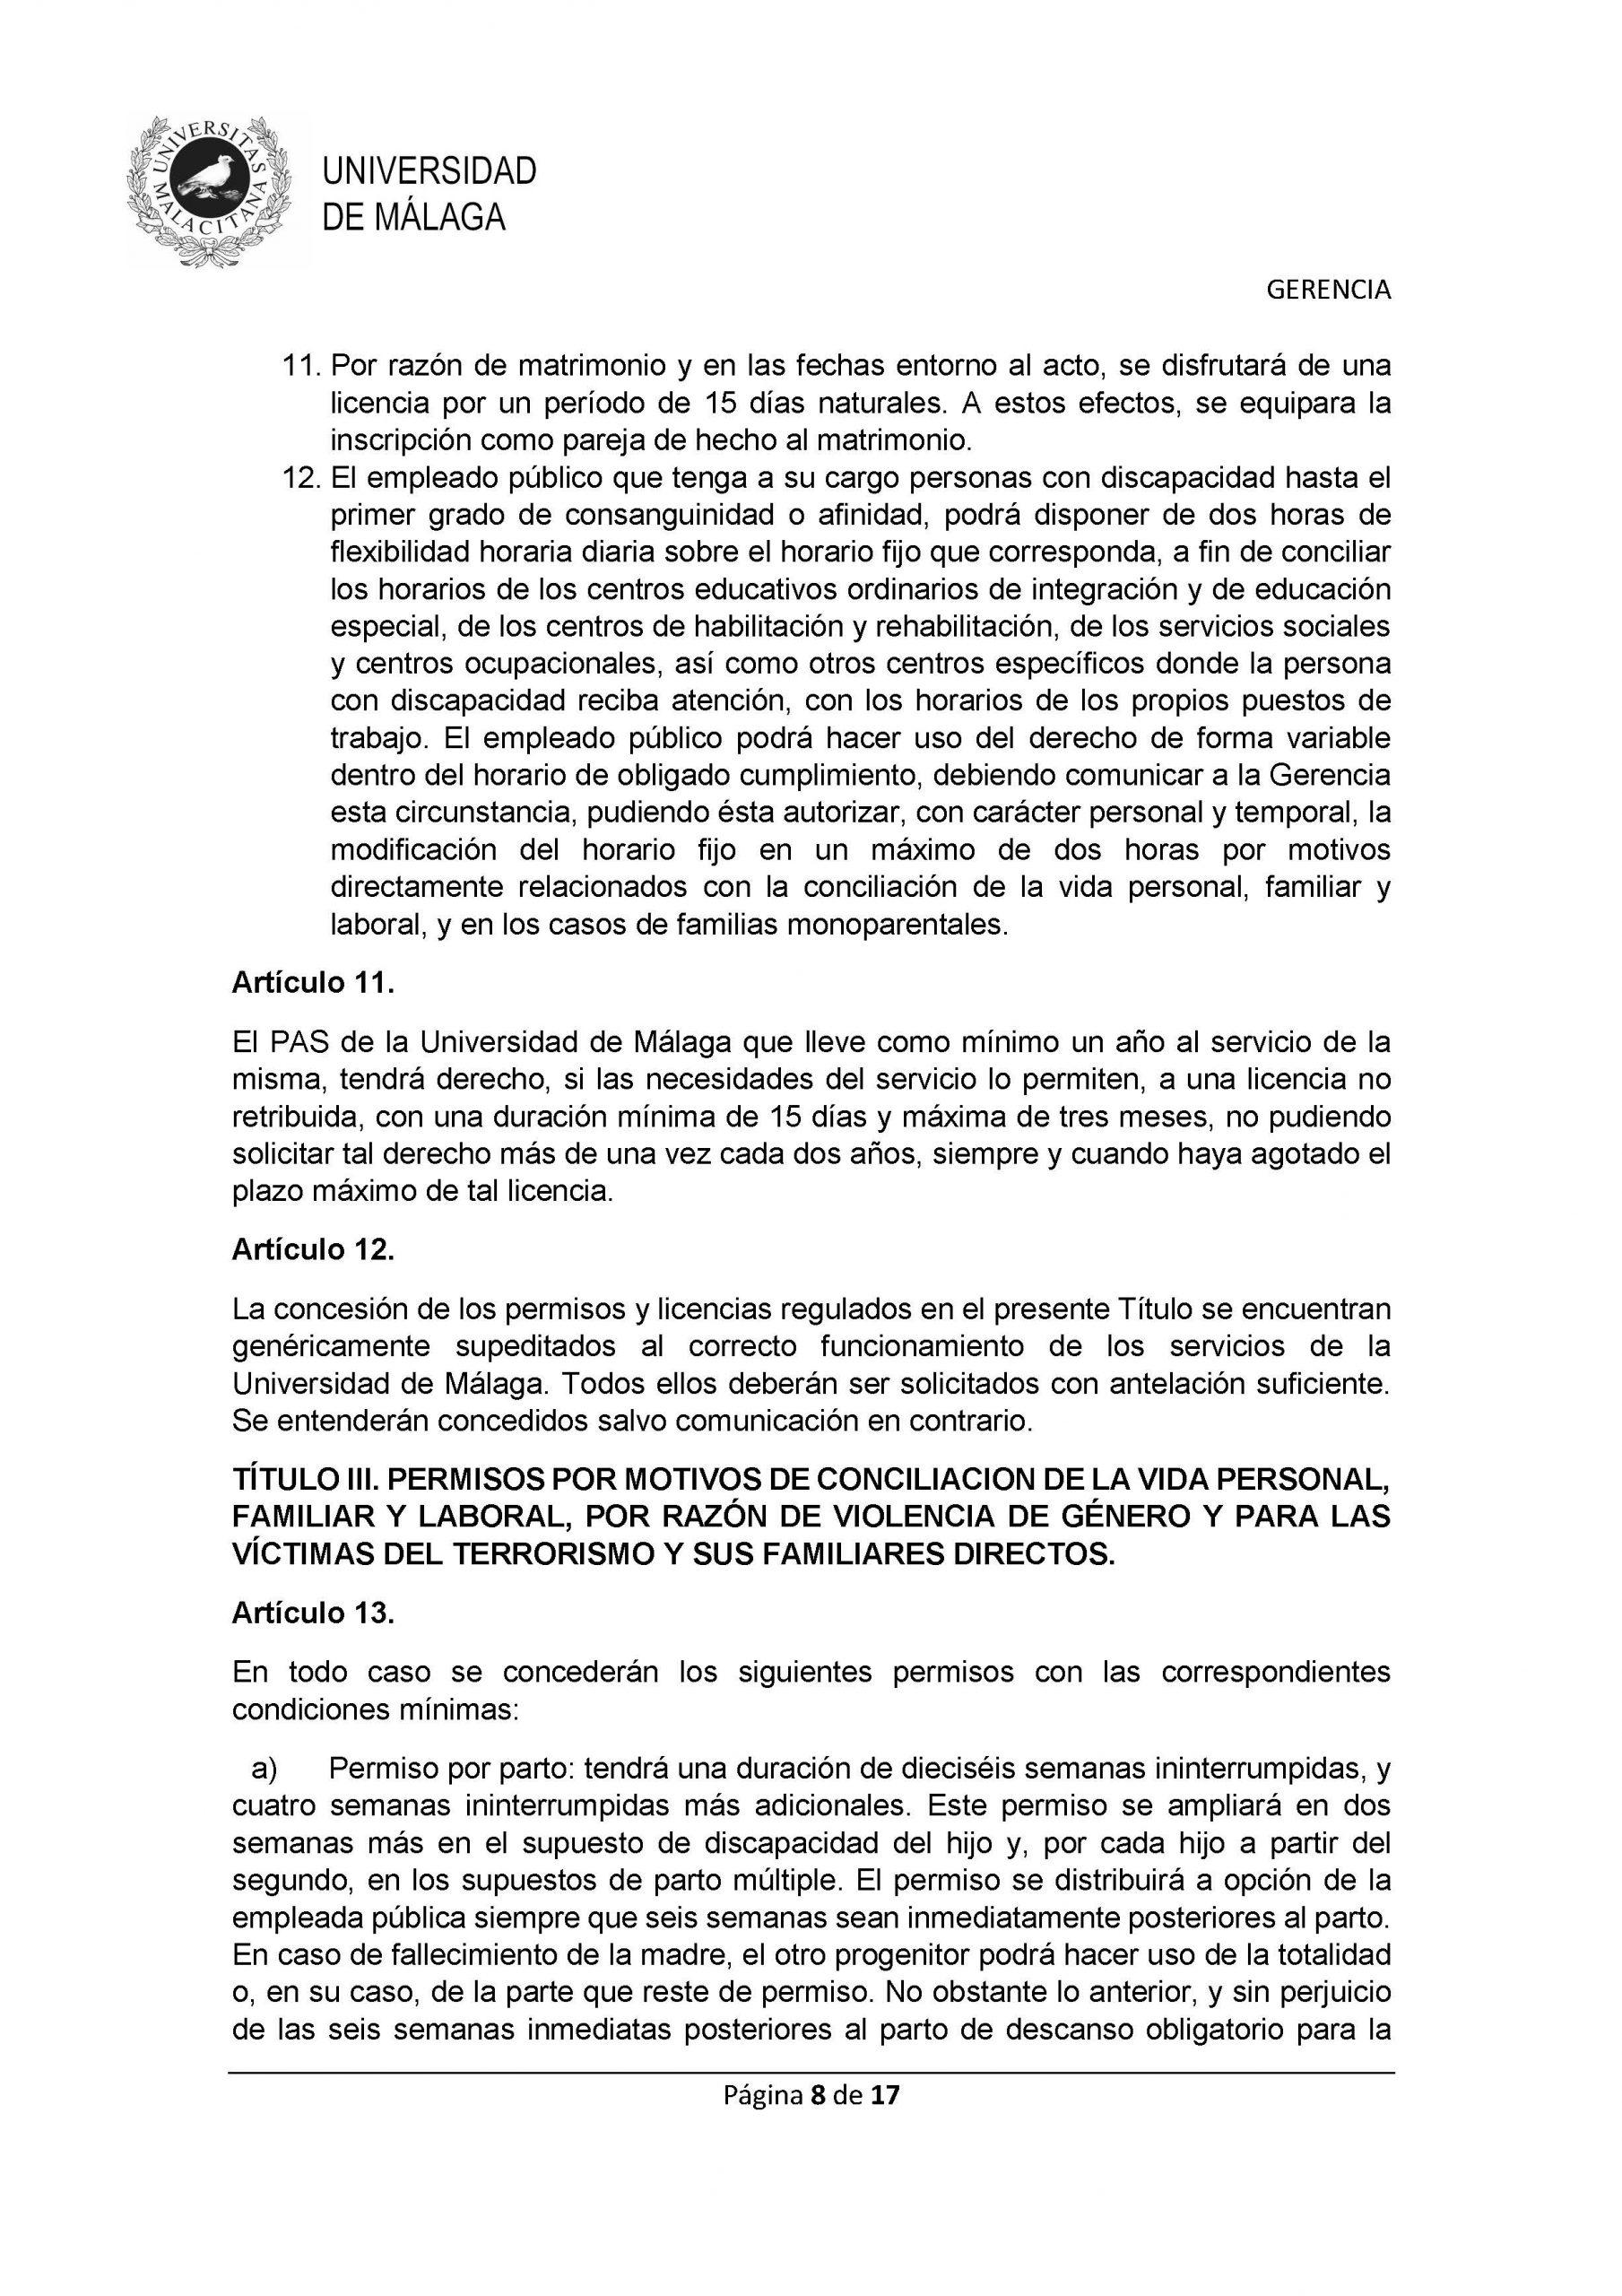 instruccion_interna_texto_final_5_de_mayo_pgina_08